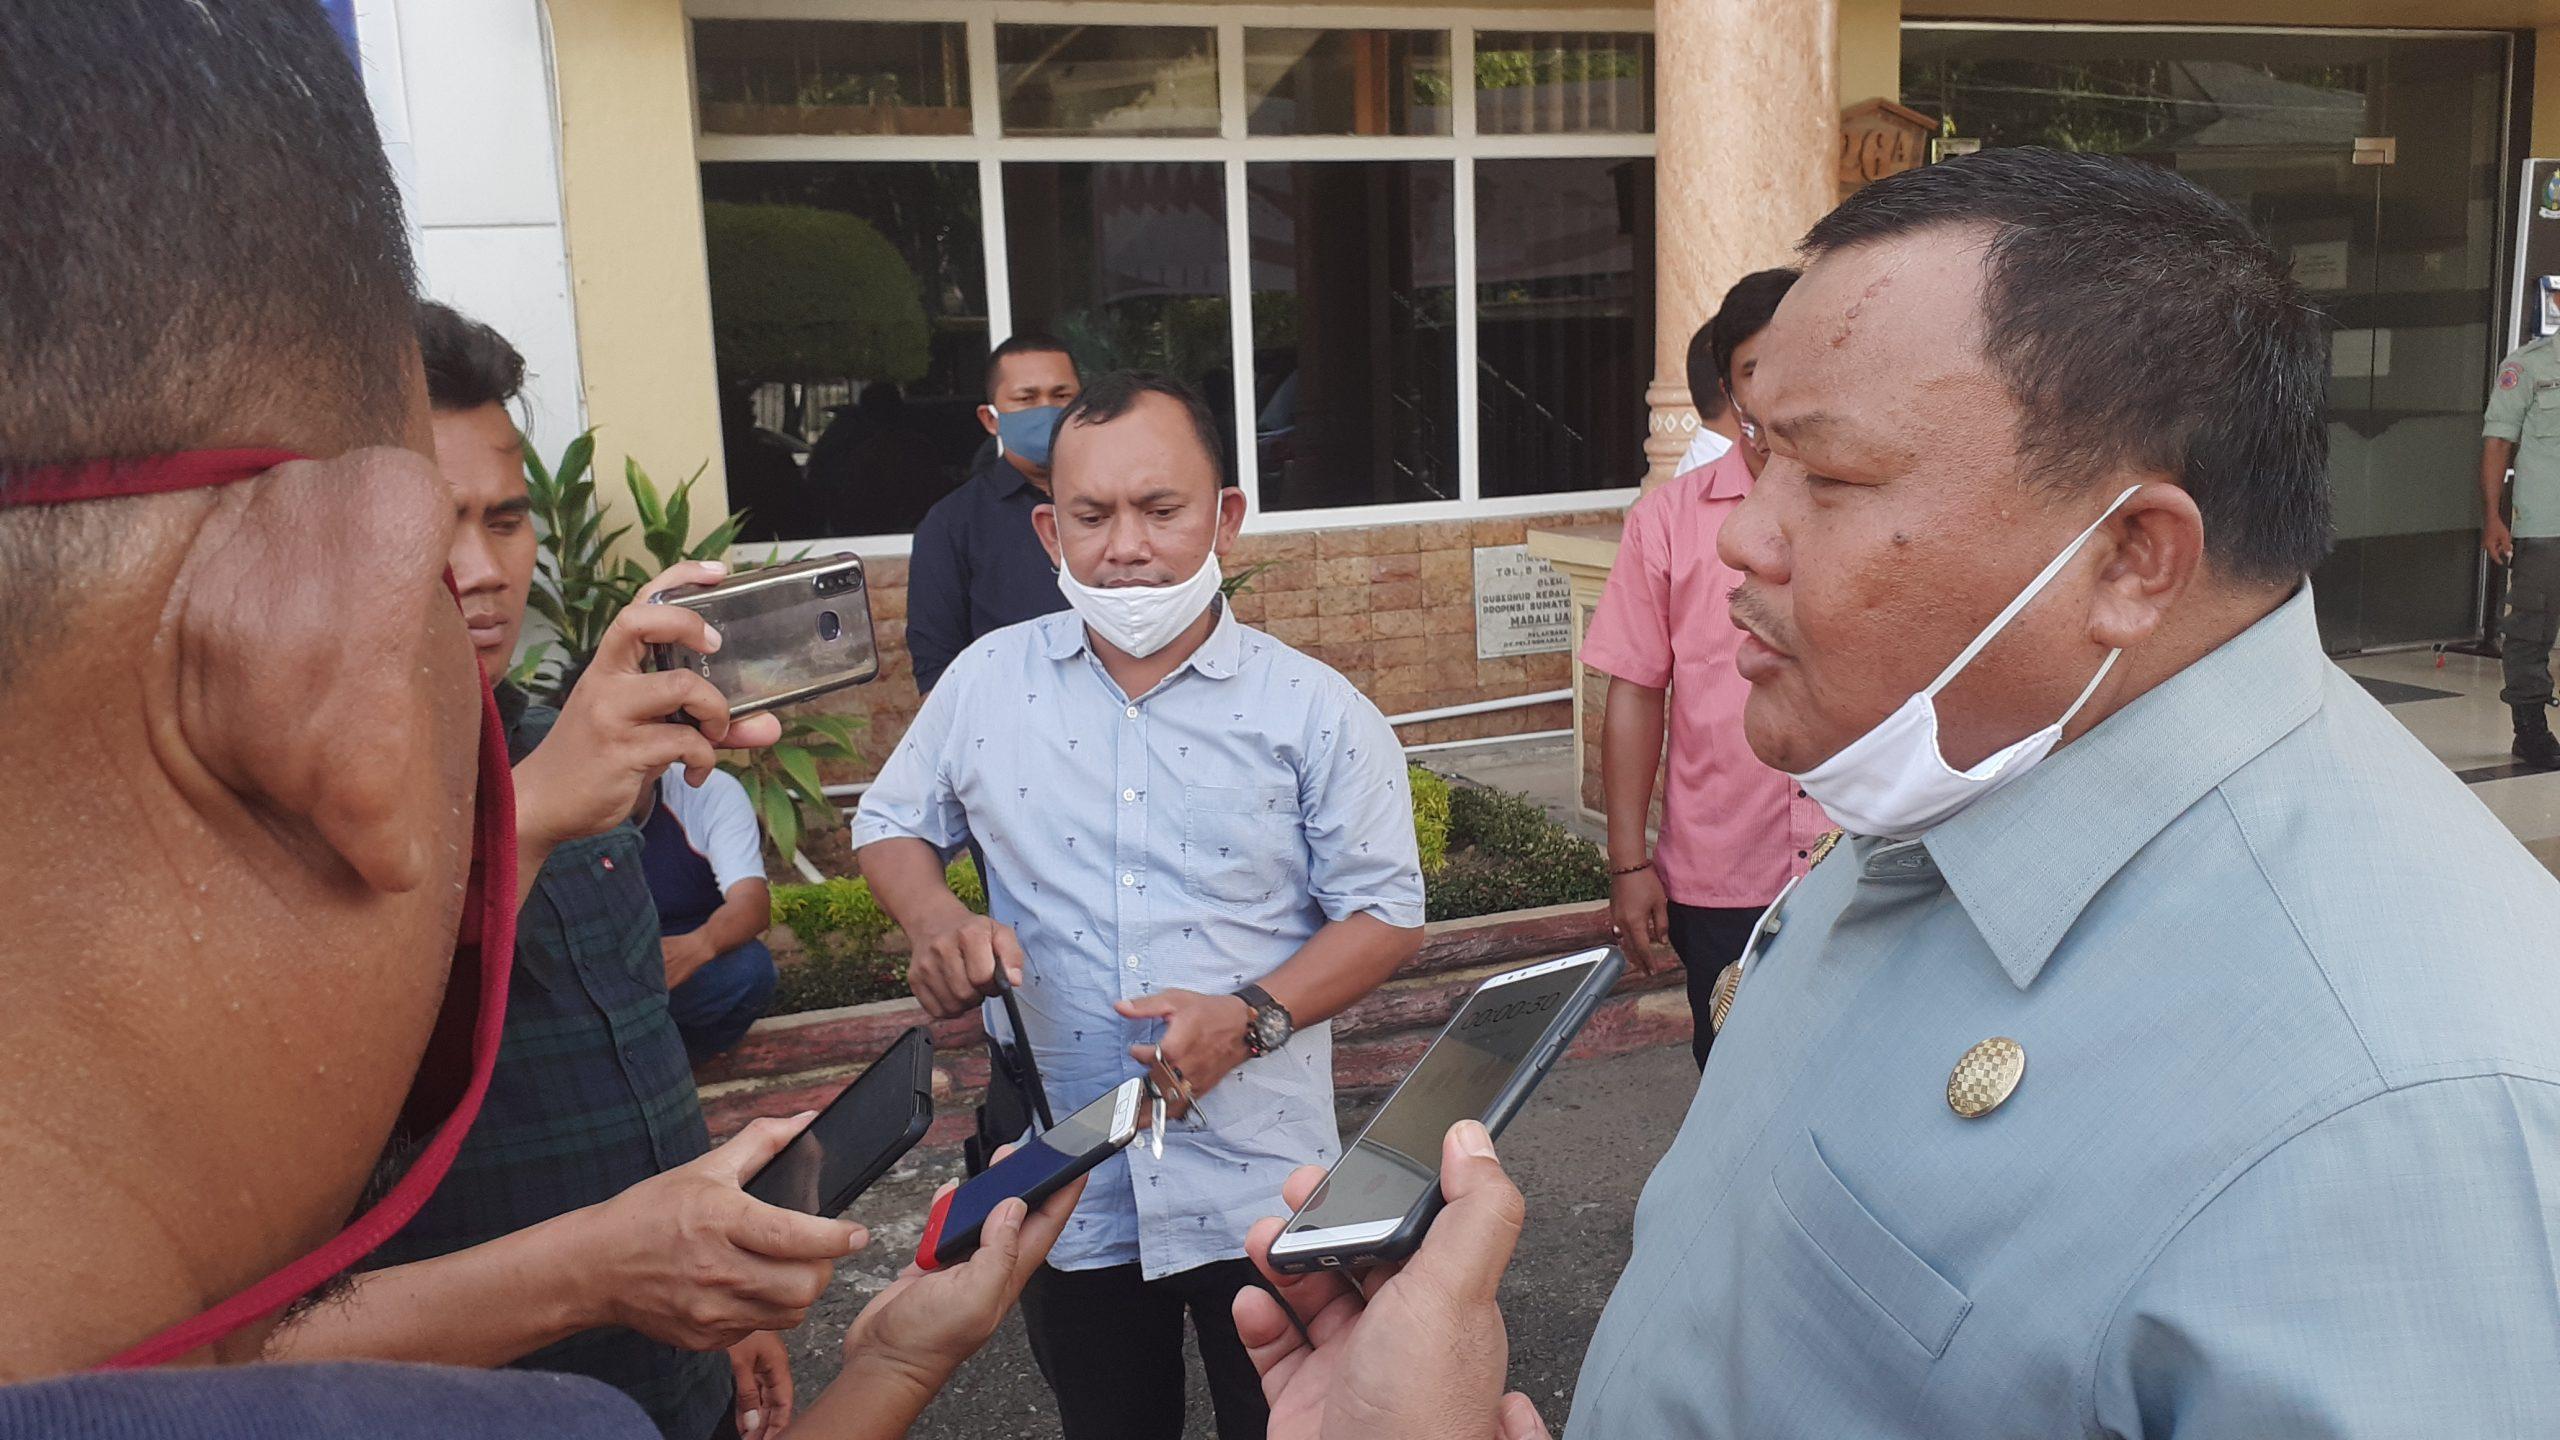 Wali Kota Sibolga HM Syarfi Hutauruk saat diwawancarai awak media di halaman kantornya. Foto: Rakyatsumut.com/ Mirwan Tanjung